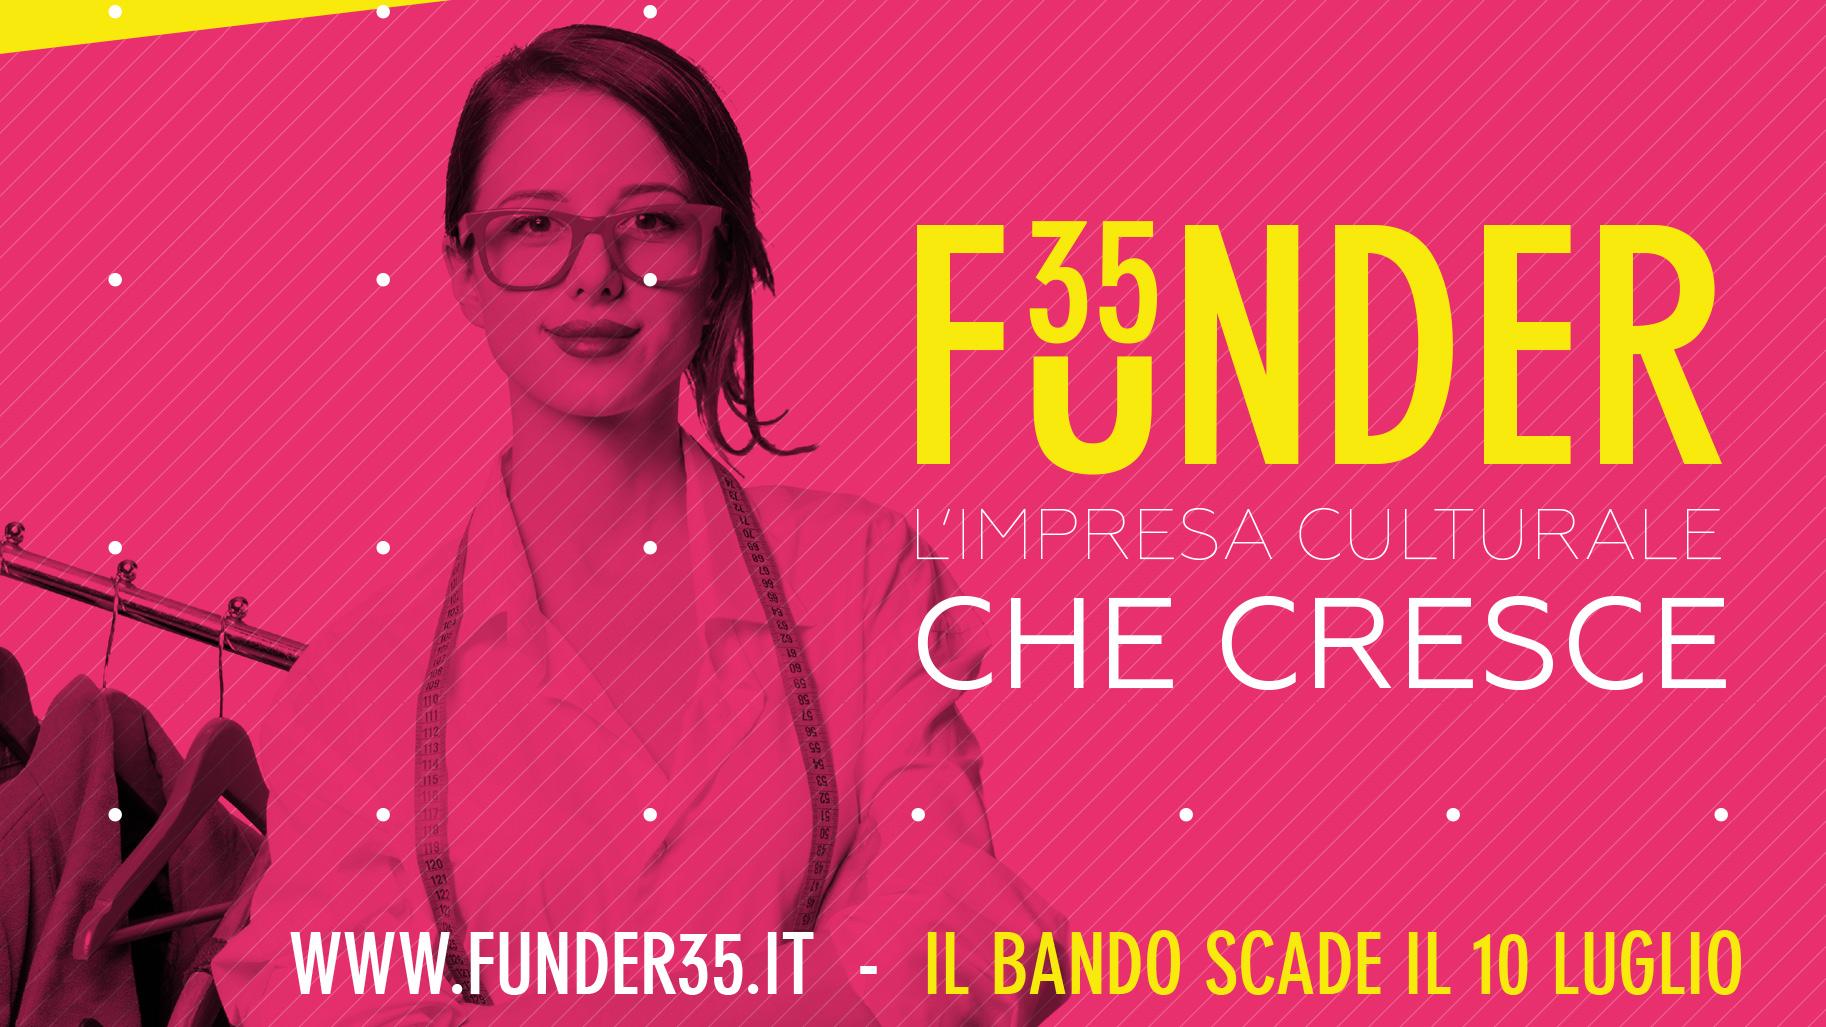 Funder35: dalle fondazioni 2,5mln per 50 imprese no profit